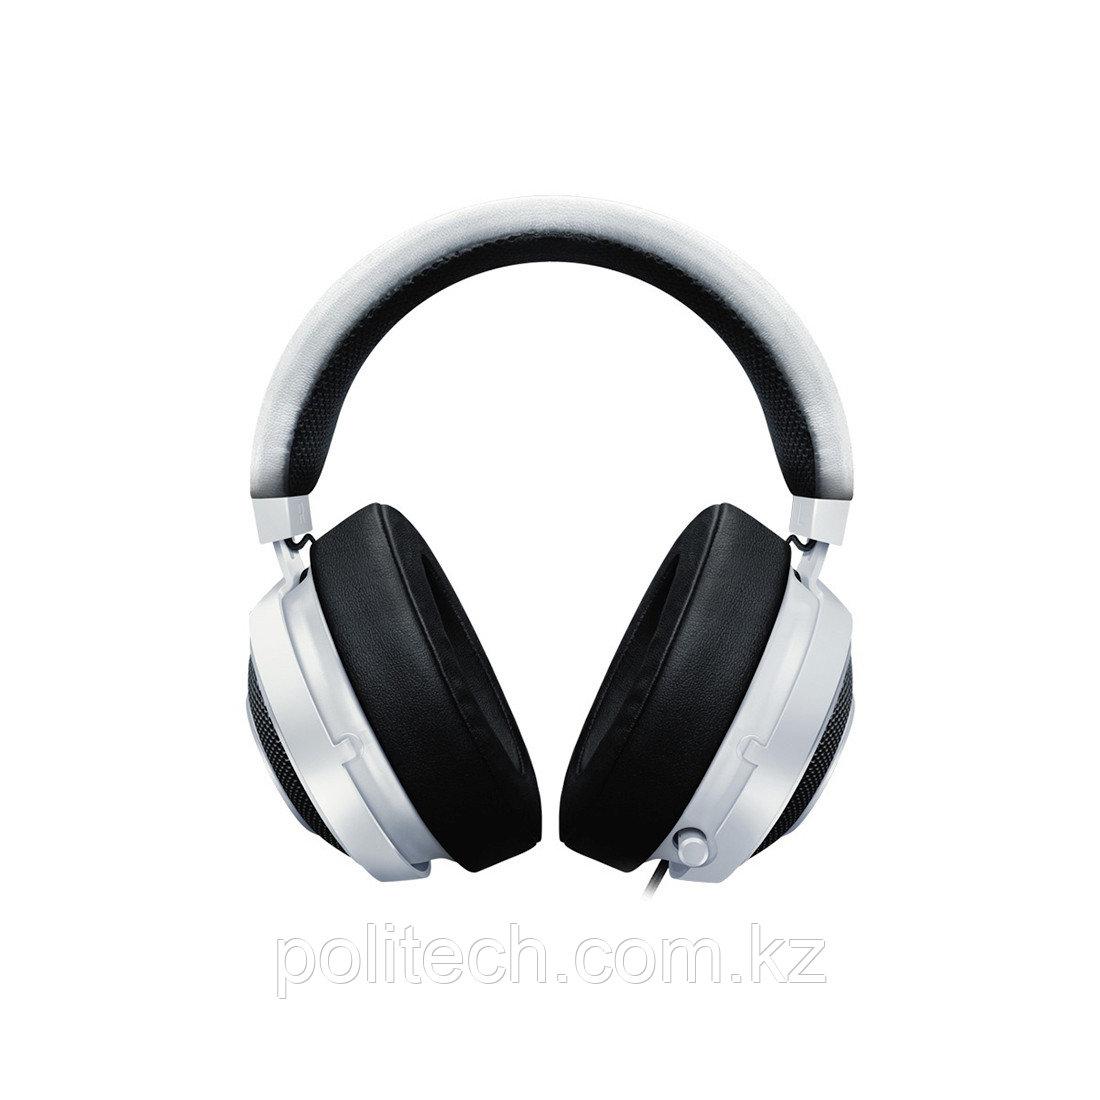 Гарнитура Razer Kraken Pro V2 Oval White (3,5мм)